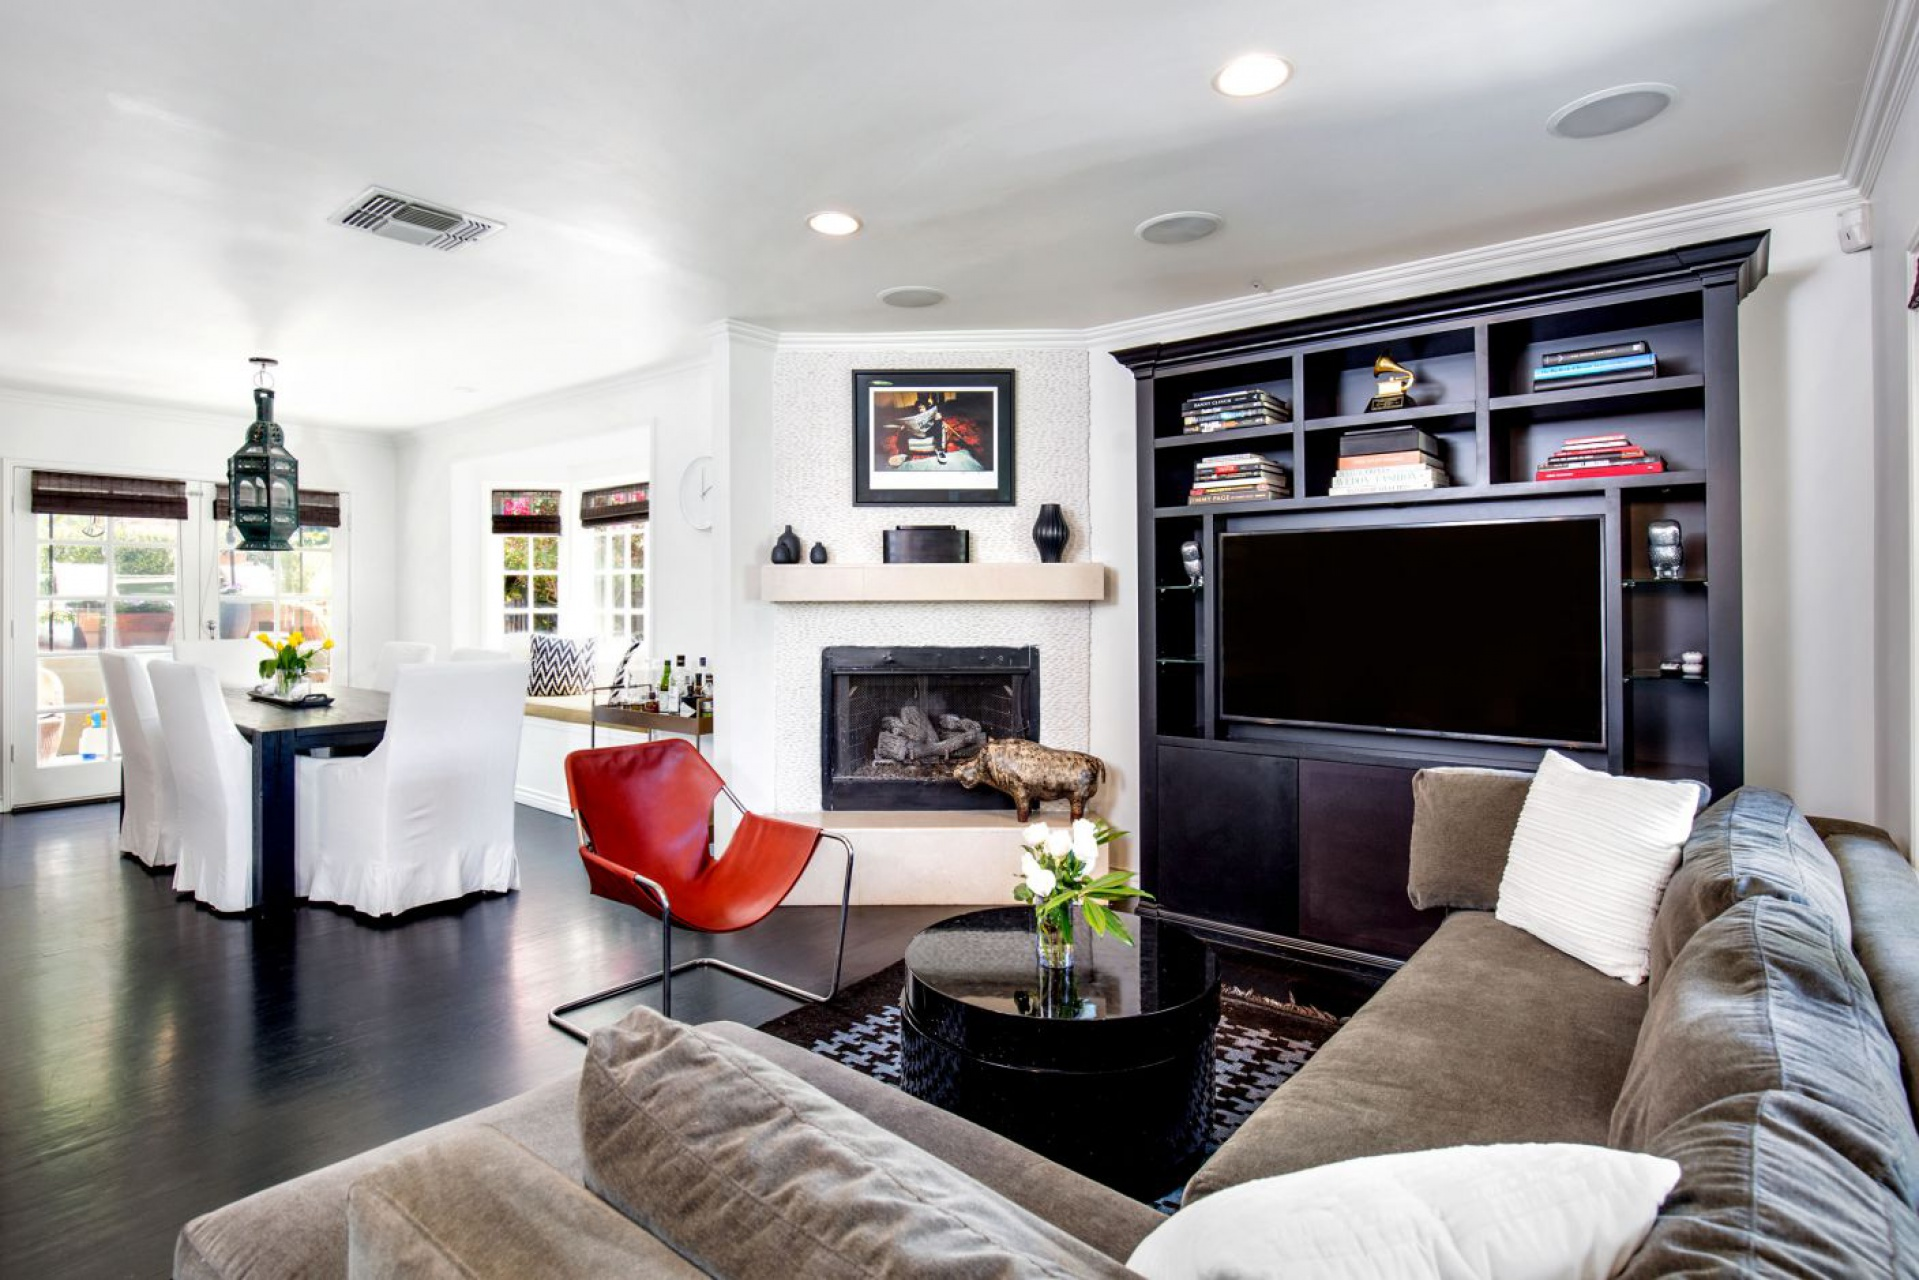 15100 Valley Vista     |     Sherman Oaks Sherman Oaks CA  | Jonah Wilson